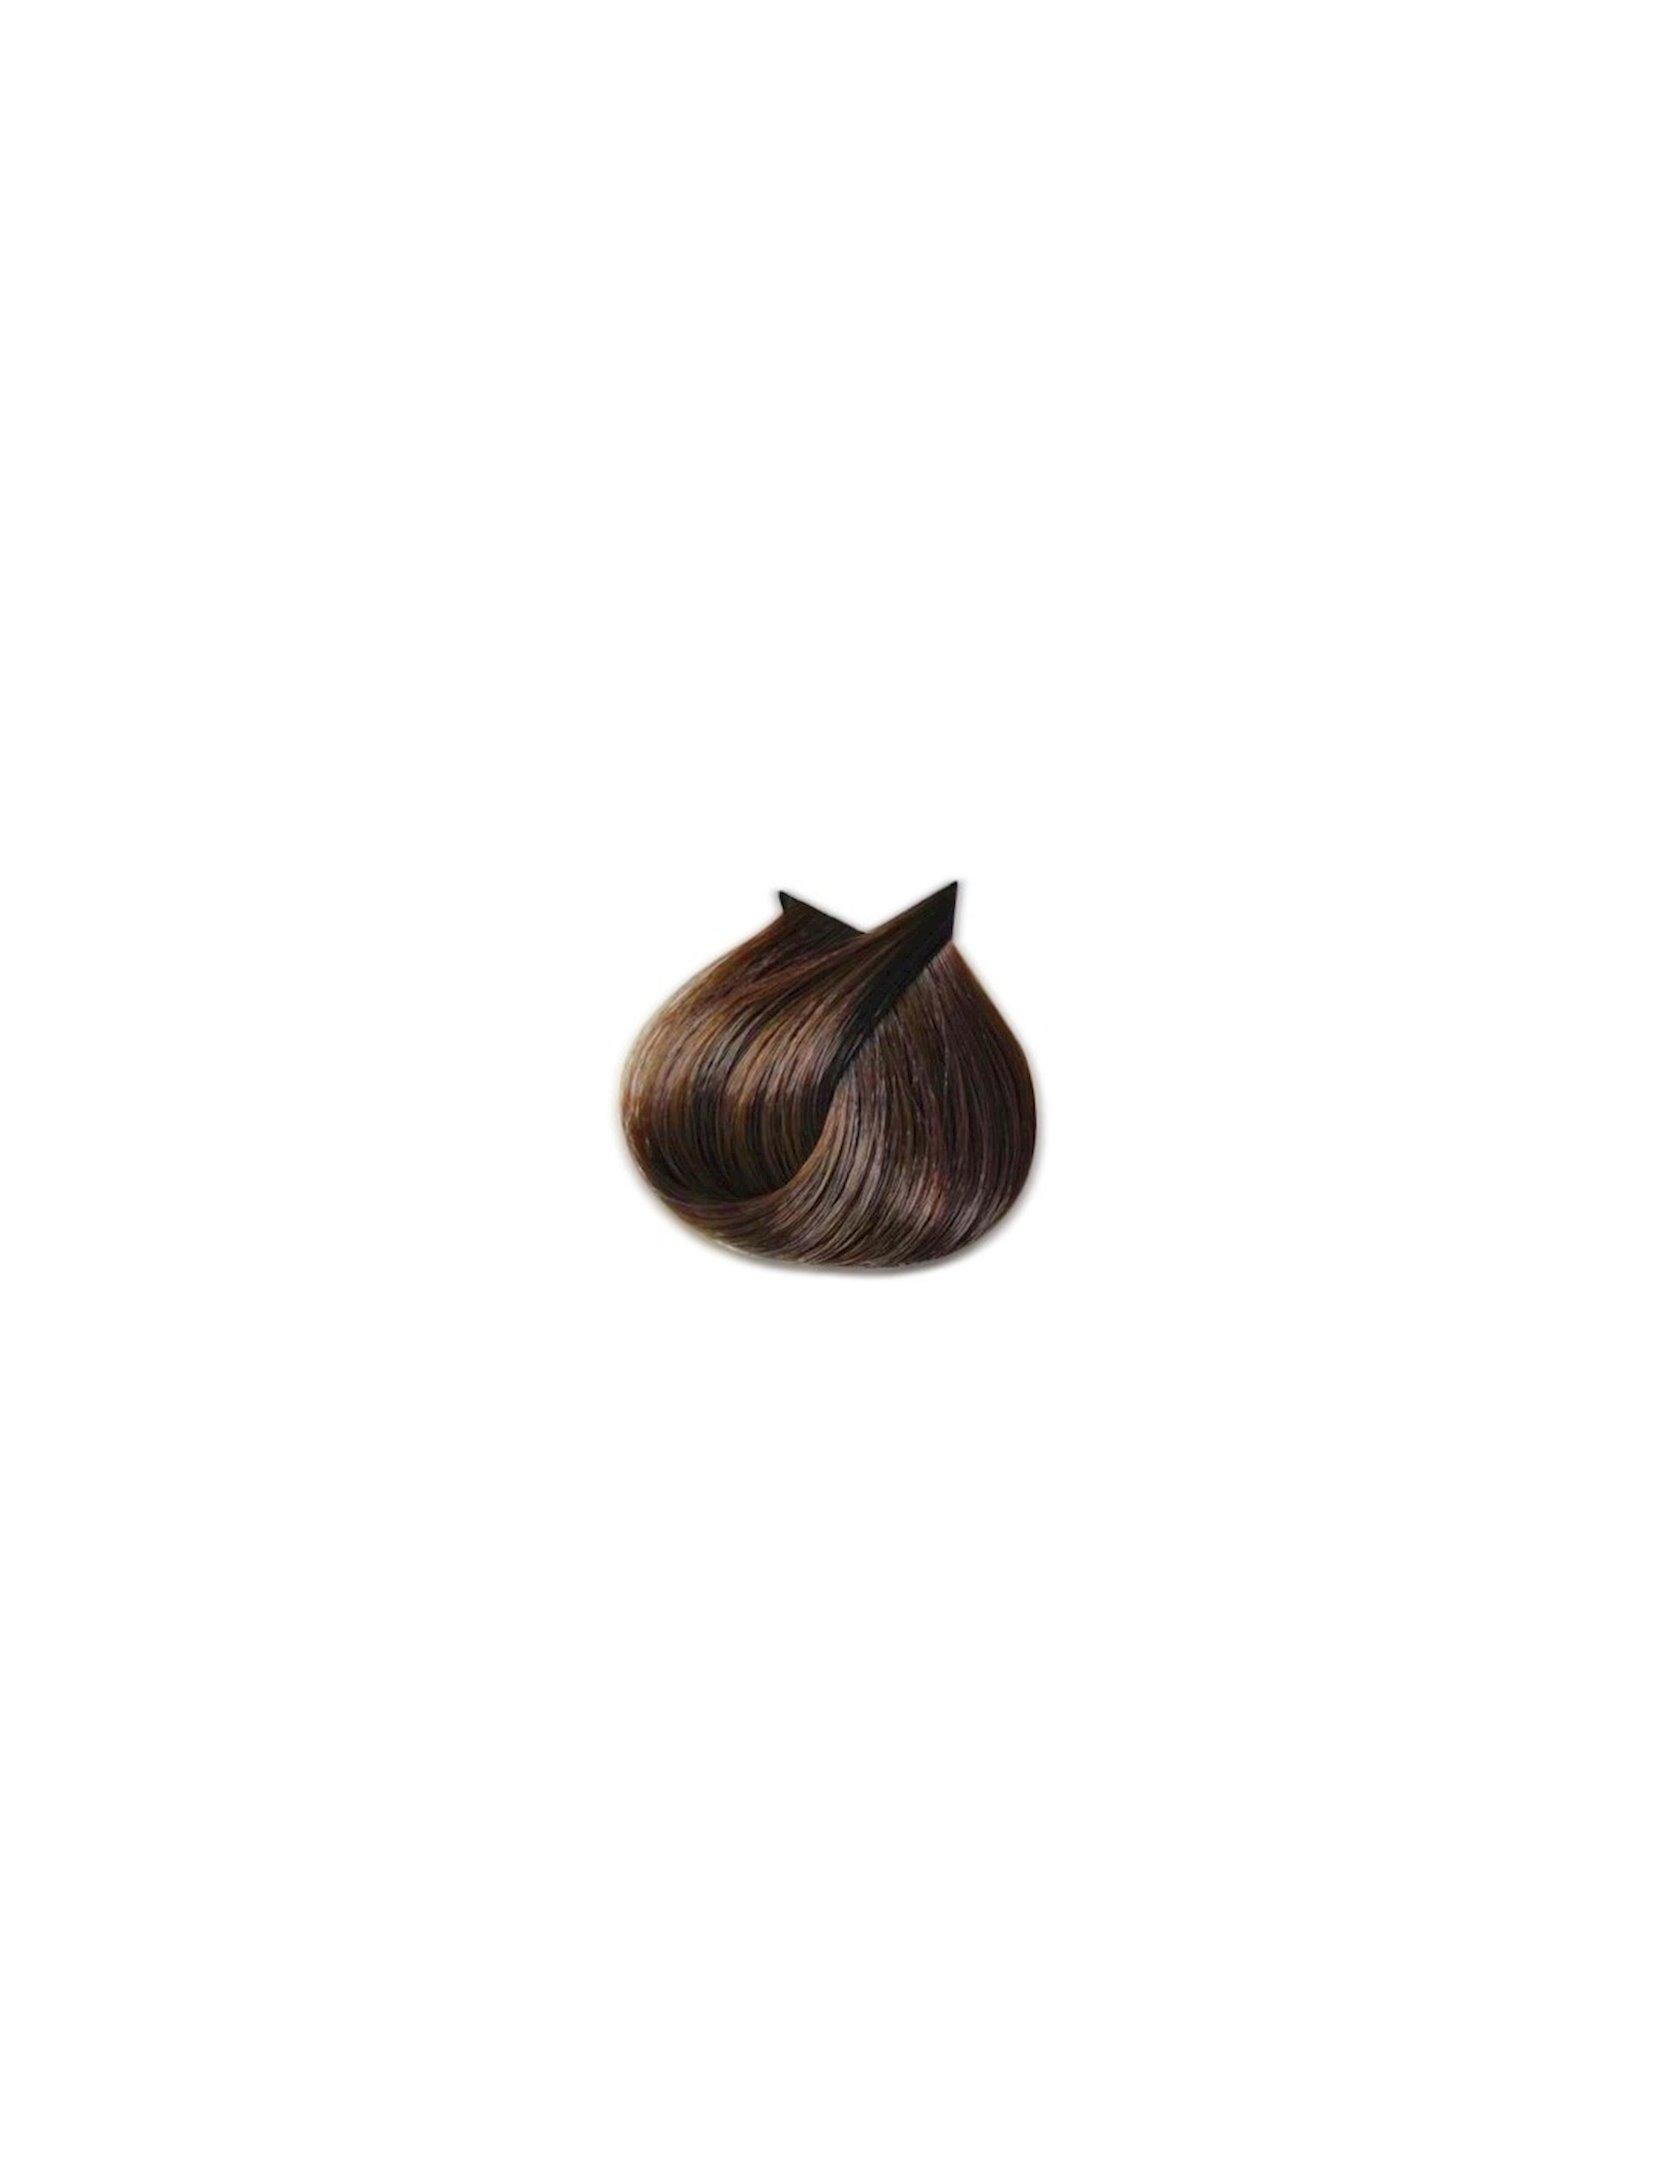 Saç üçün qalıcı krem-boya Farmavita Life Color Plus 6.3 Tünd qızılı blond